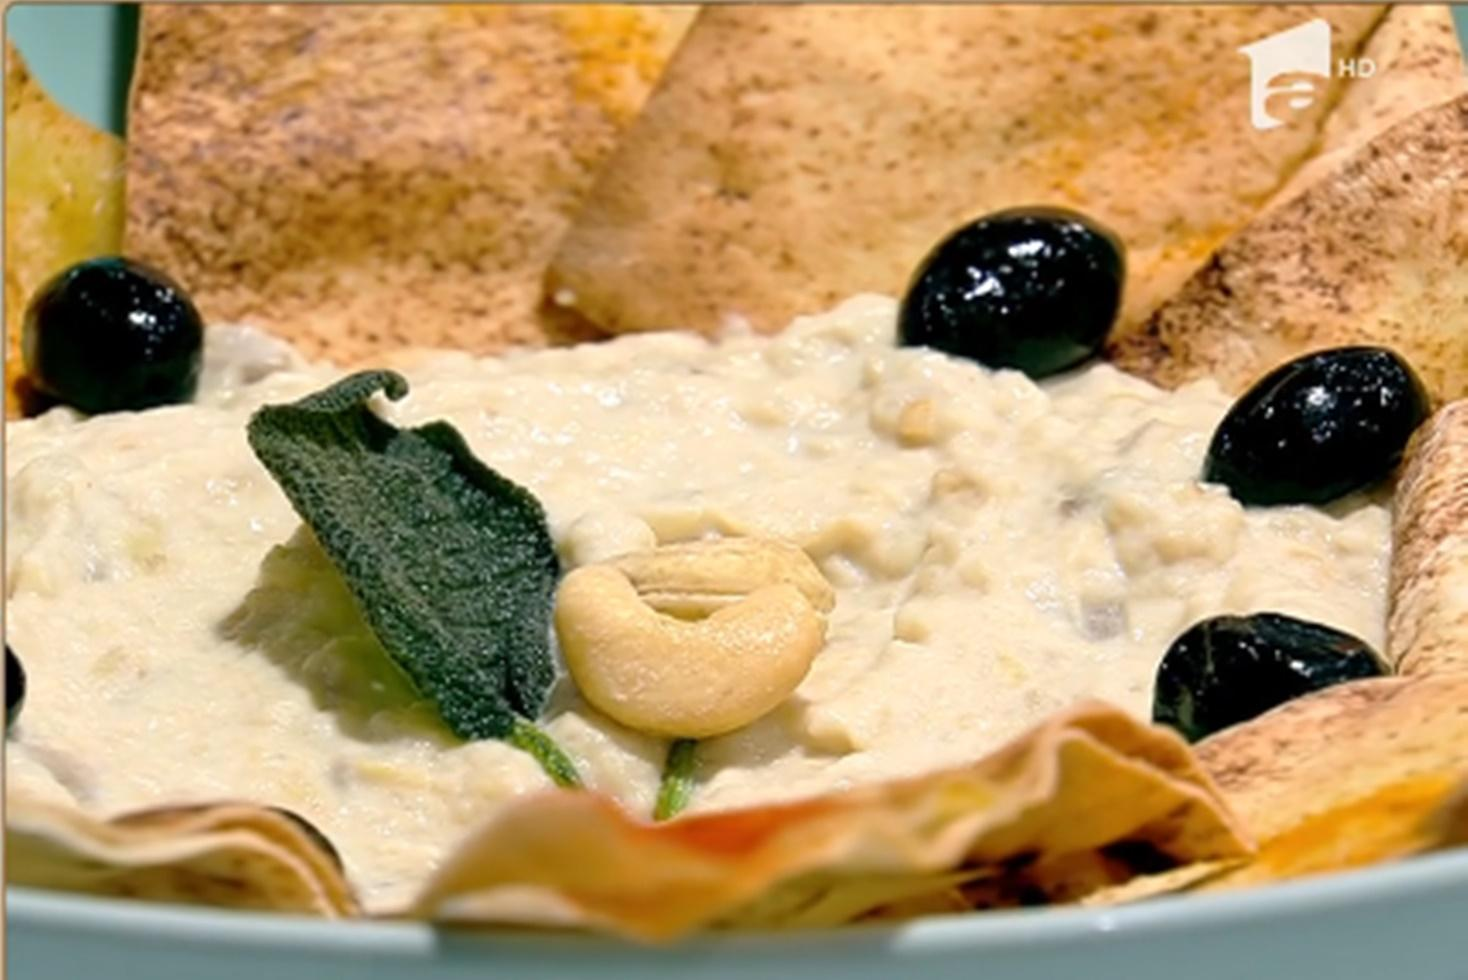 Rețetă de salată de vinete cu influențe orientale, preparată de Vlăduț la Neatza cu Răzvan şi Dani